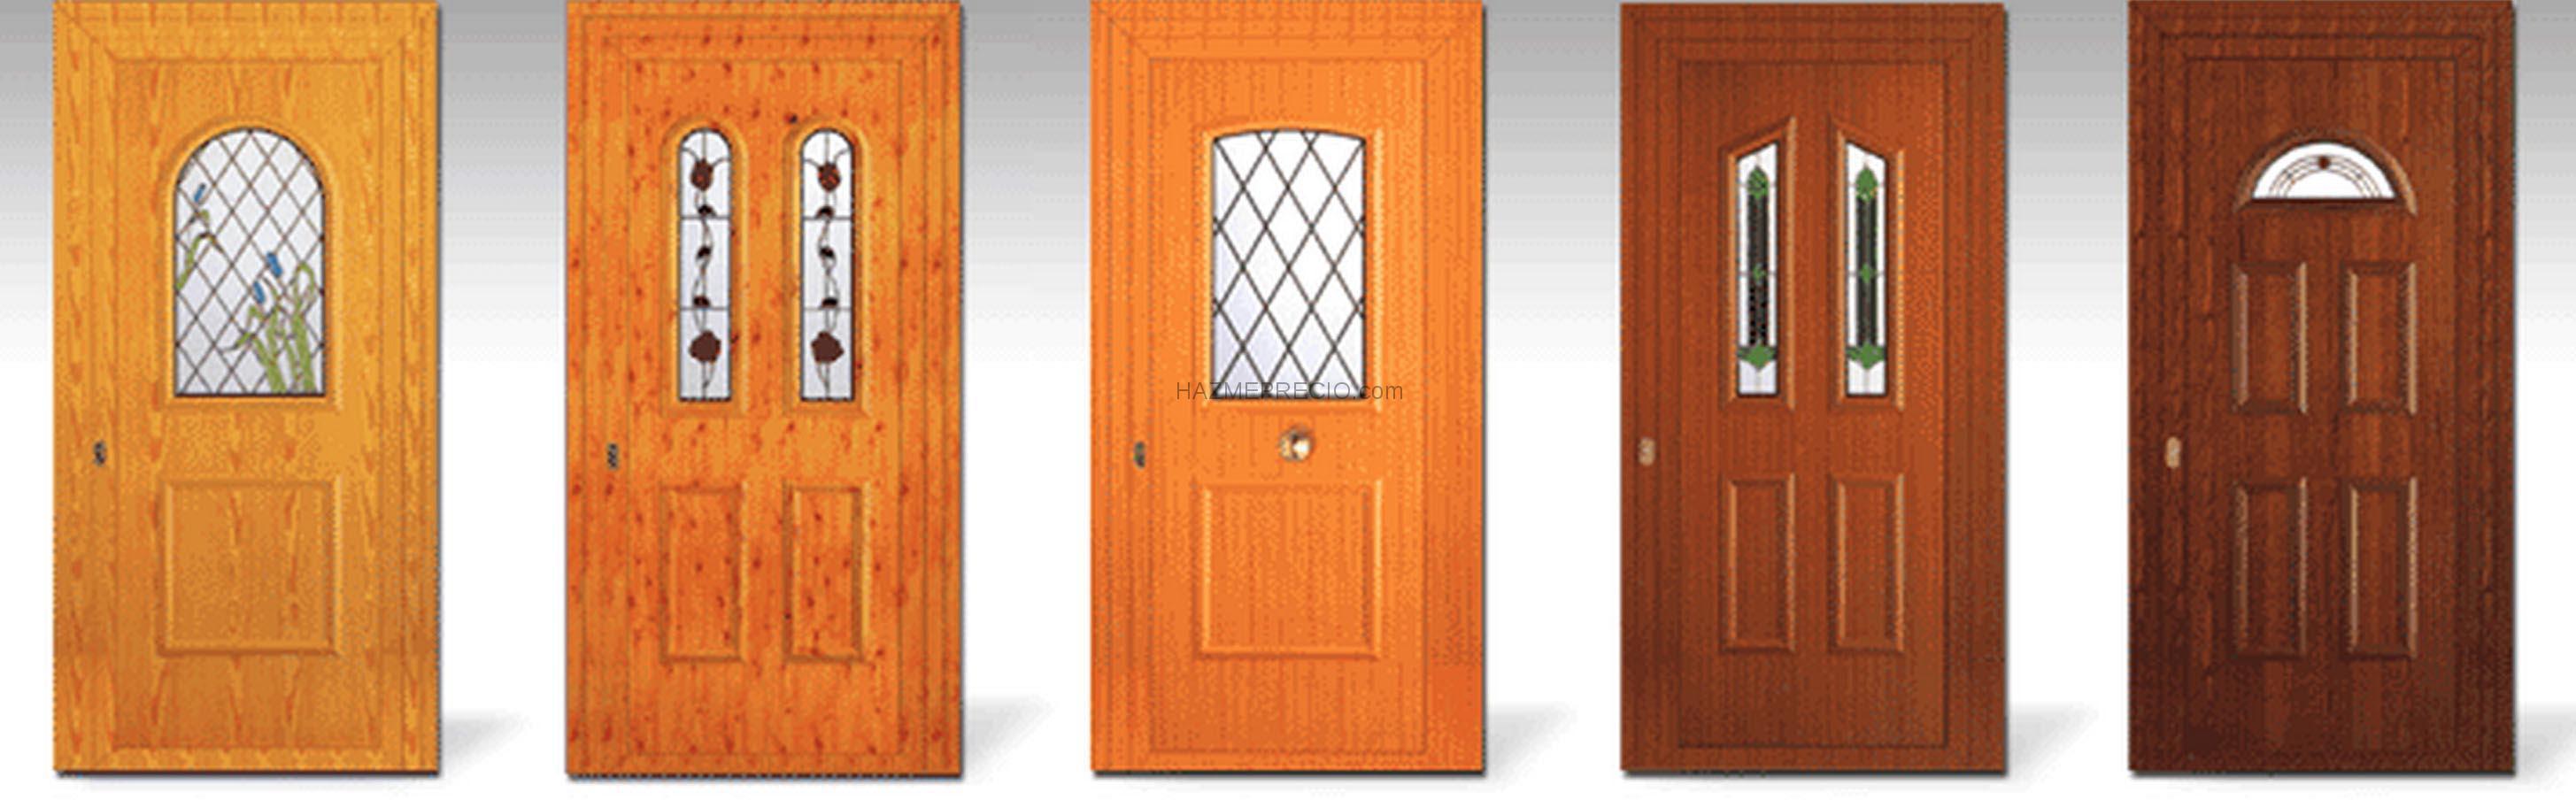 Imagenes De Puertas Para Baño De Aluminio:puertas de aluminio&pure nudist junior